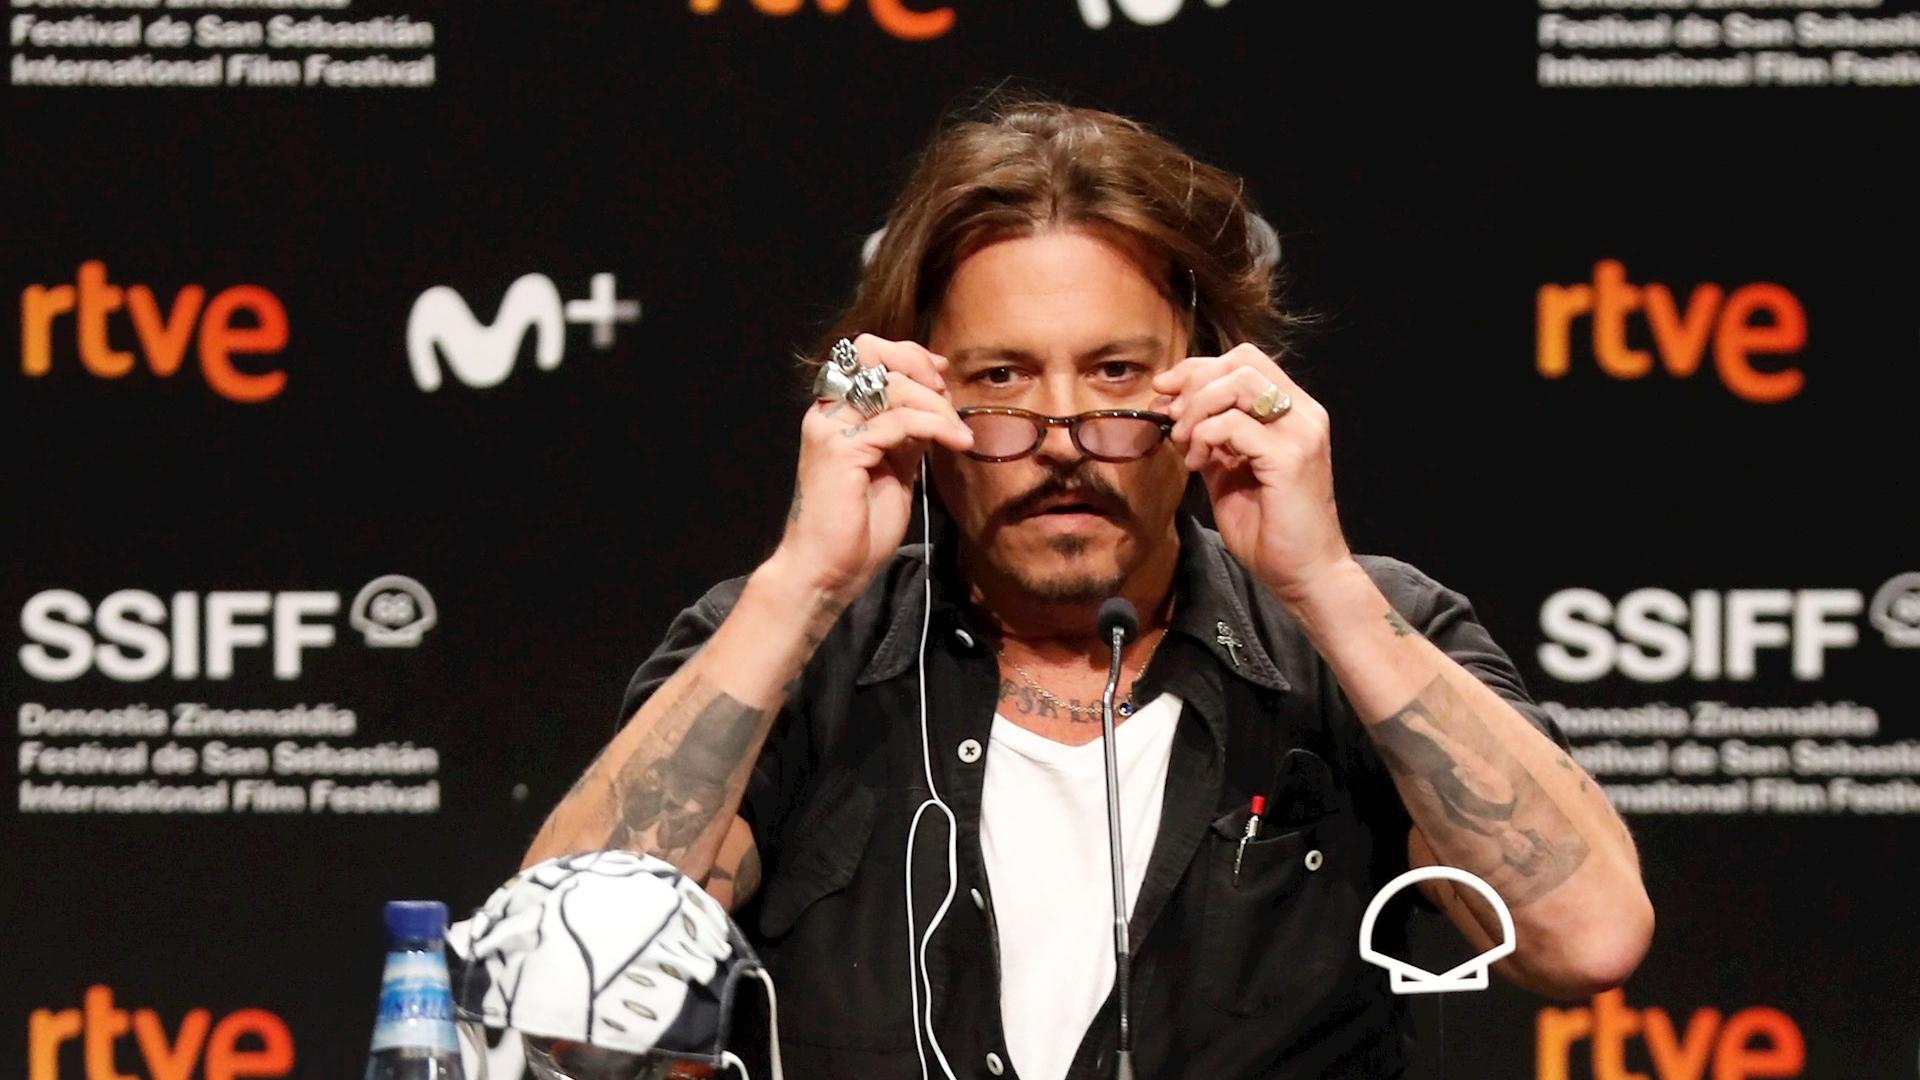 Johnny Depp actor